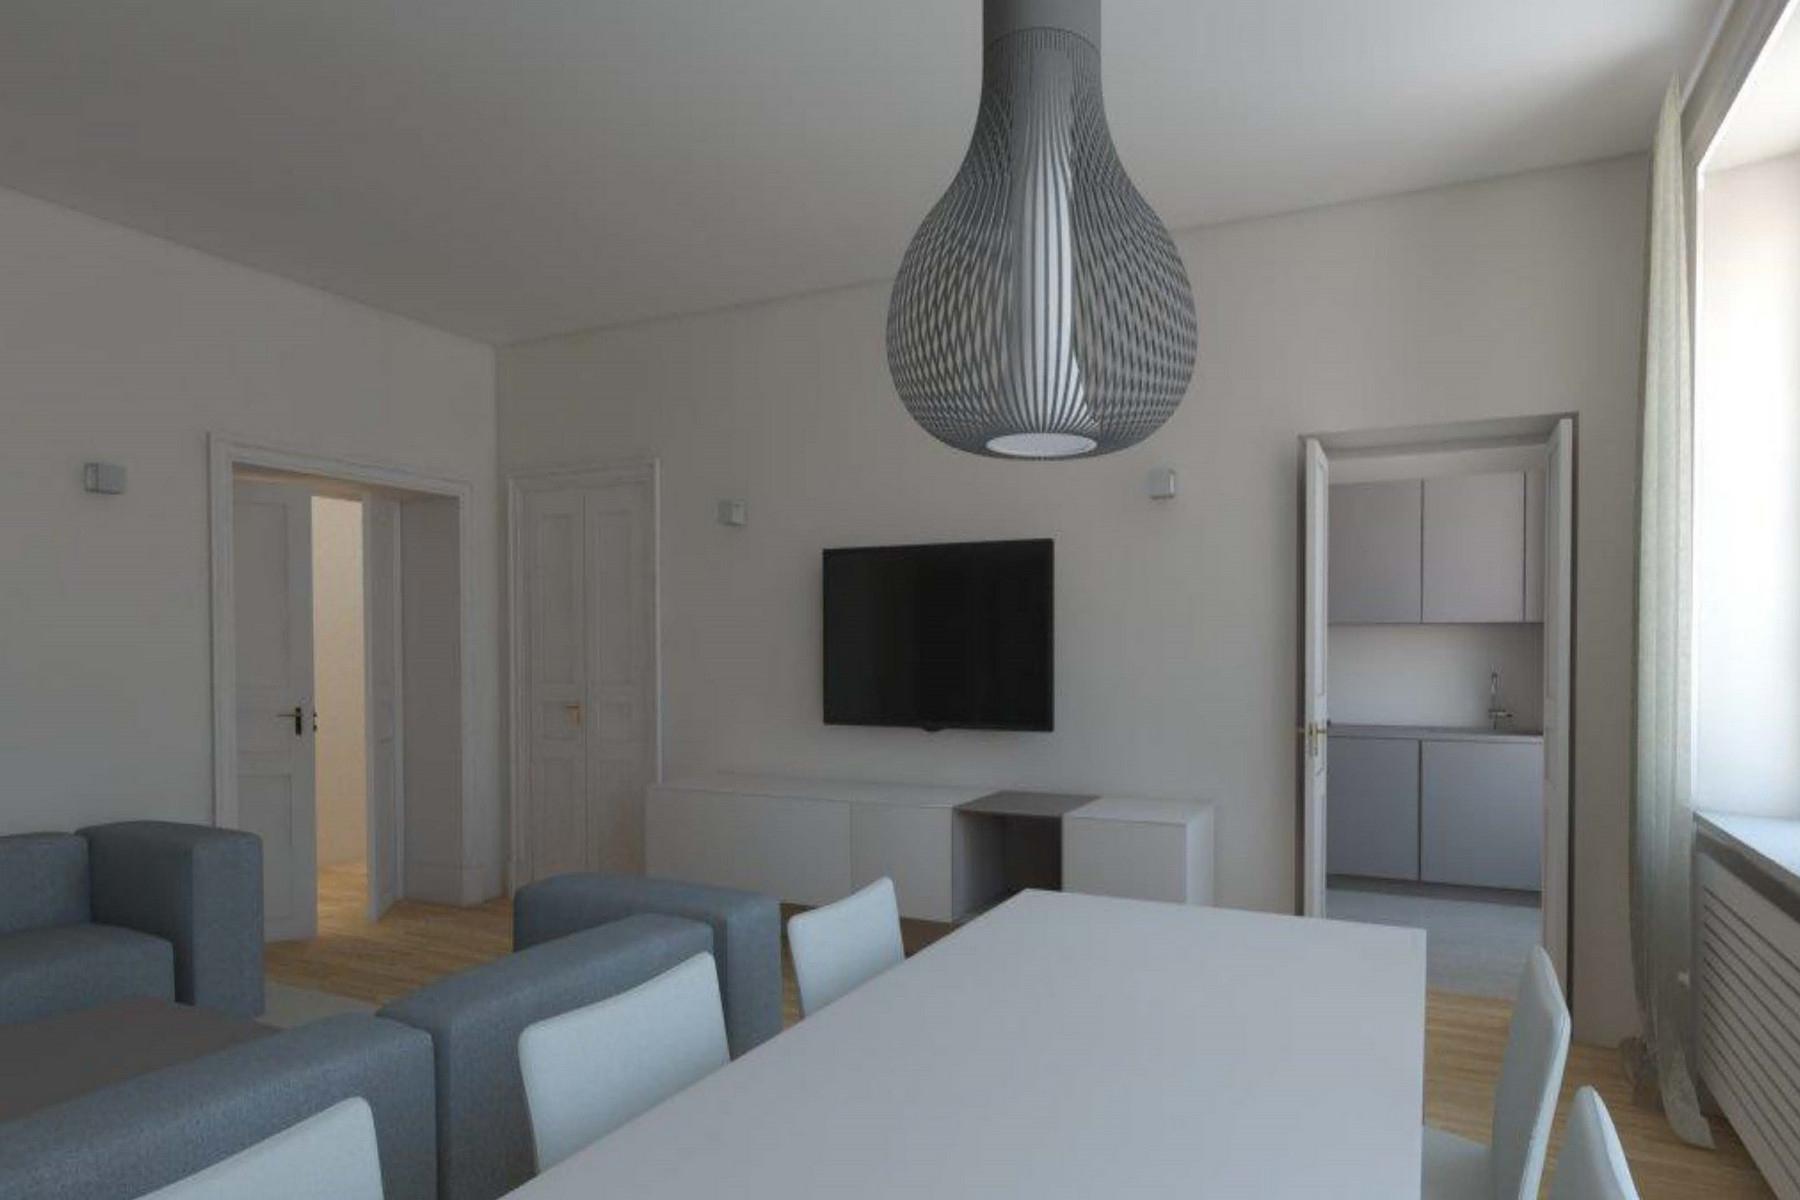 Appartamento in Vendita a Torino: 5 locali, 150 mq - Foto 3